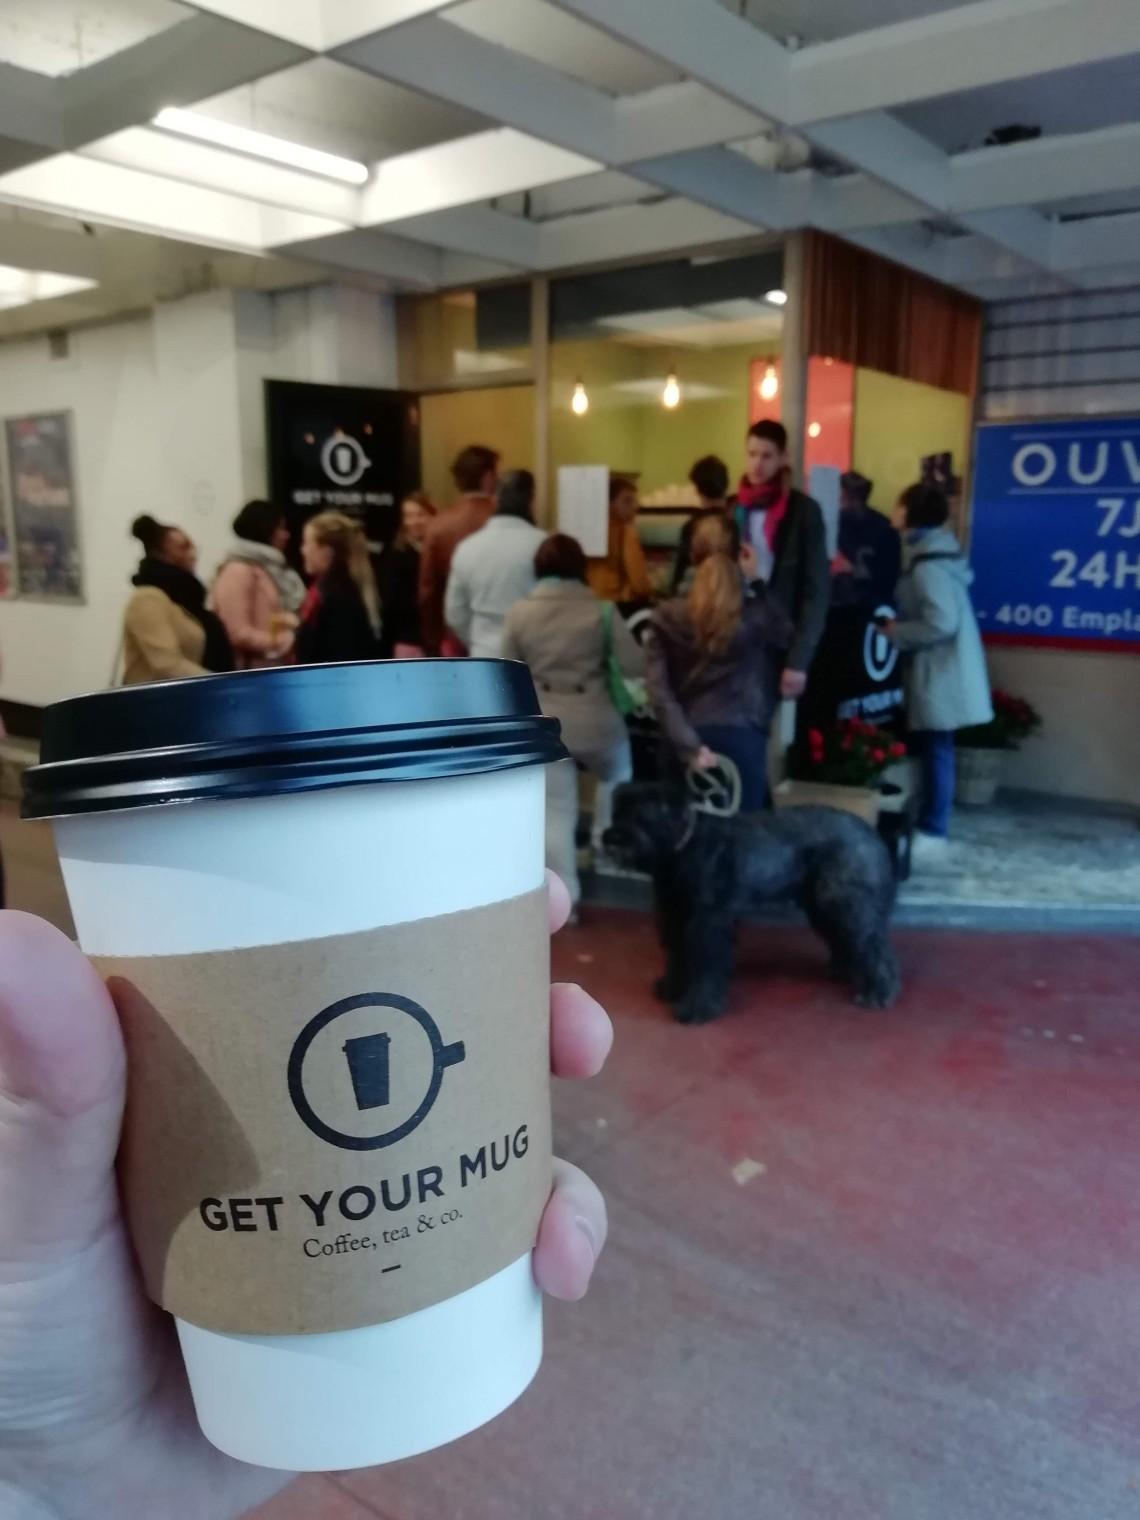 photo du café devant le pop up Get your mug